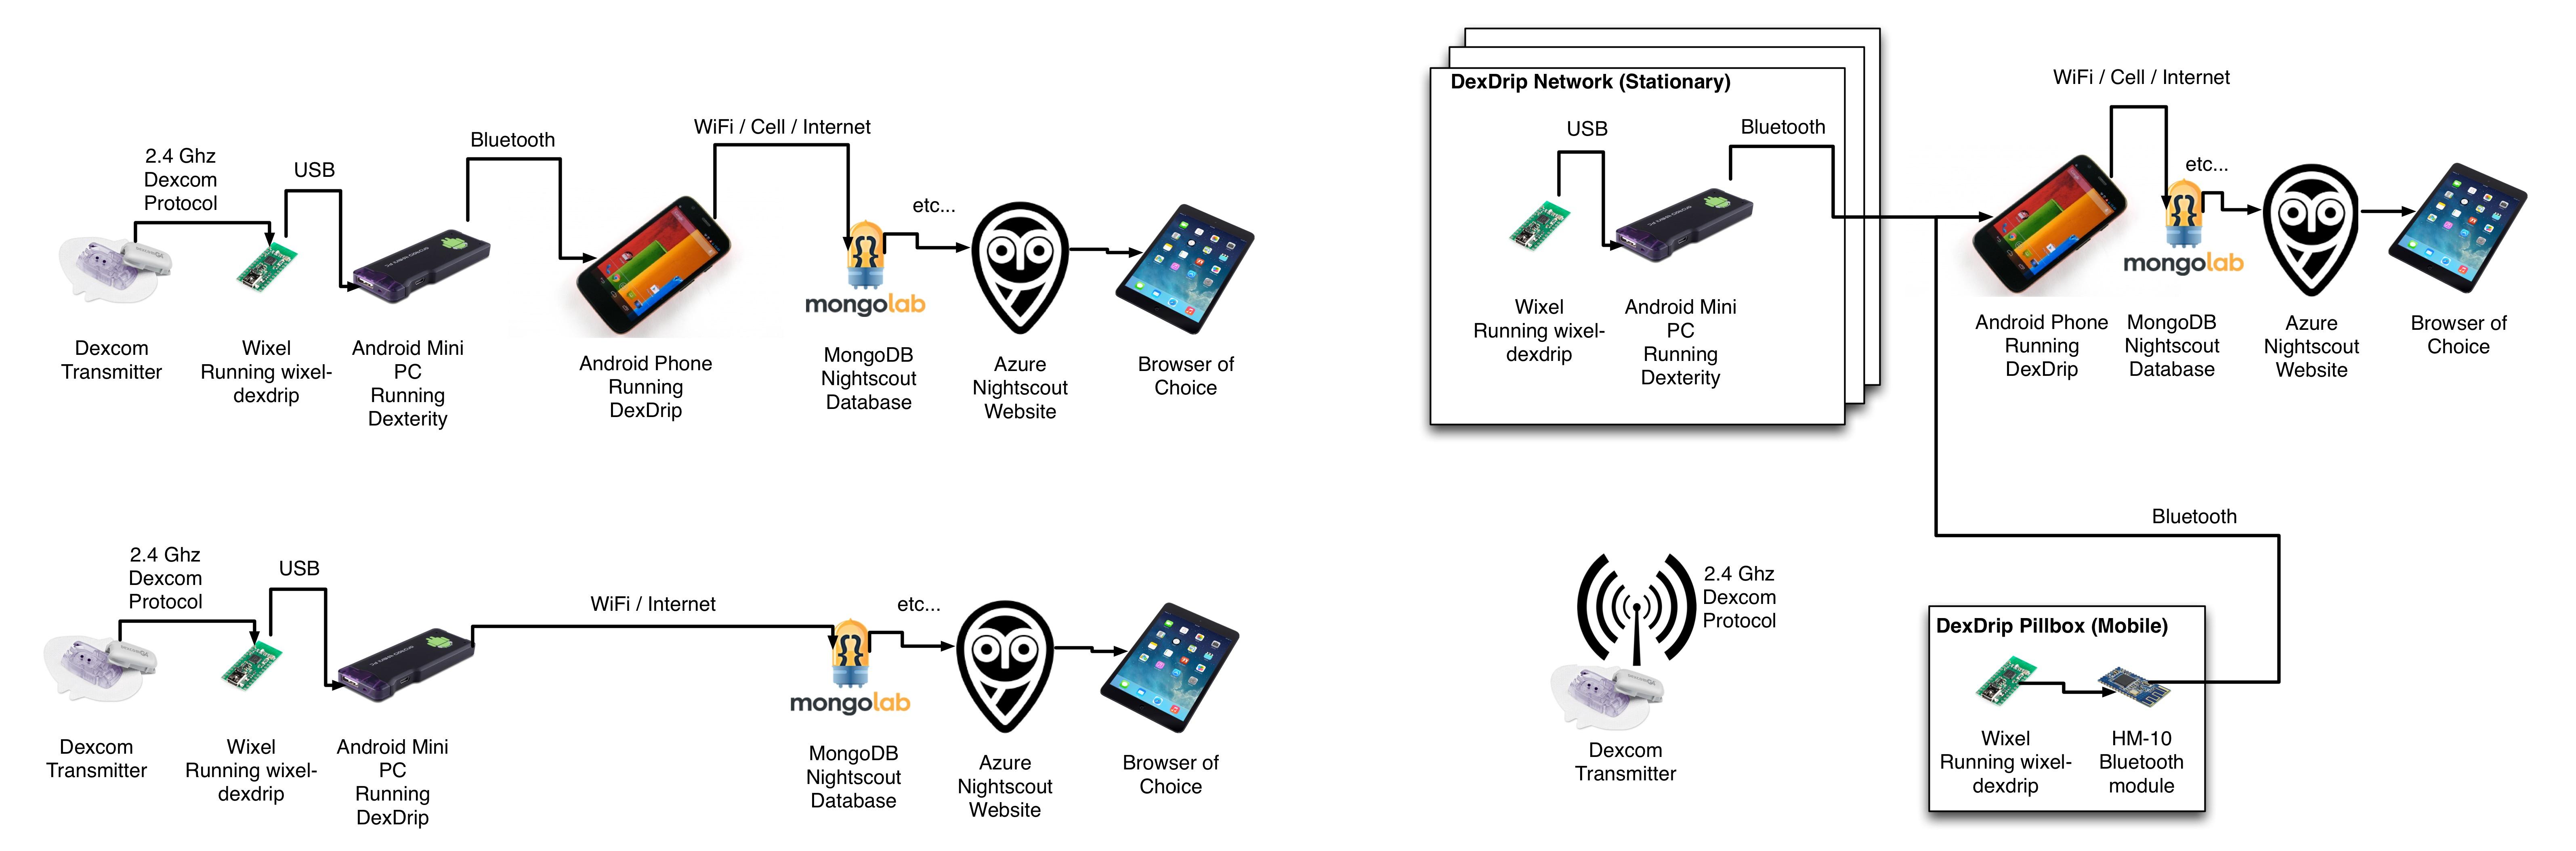 cell phone network diagram 2000 mitsubishi galant radio wiring wifi wixel setup  stephenblackwasalreadytaken